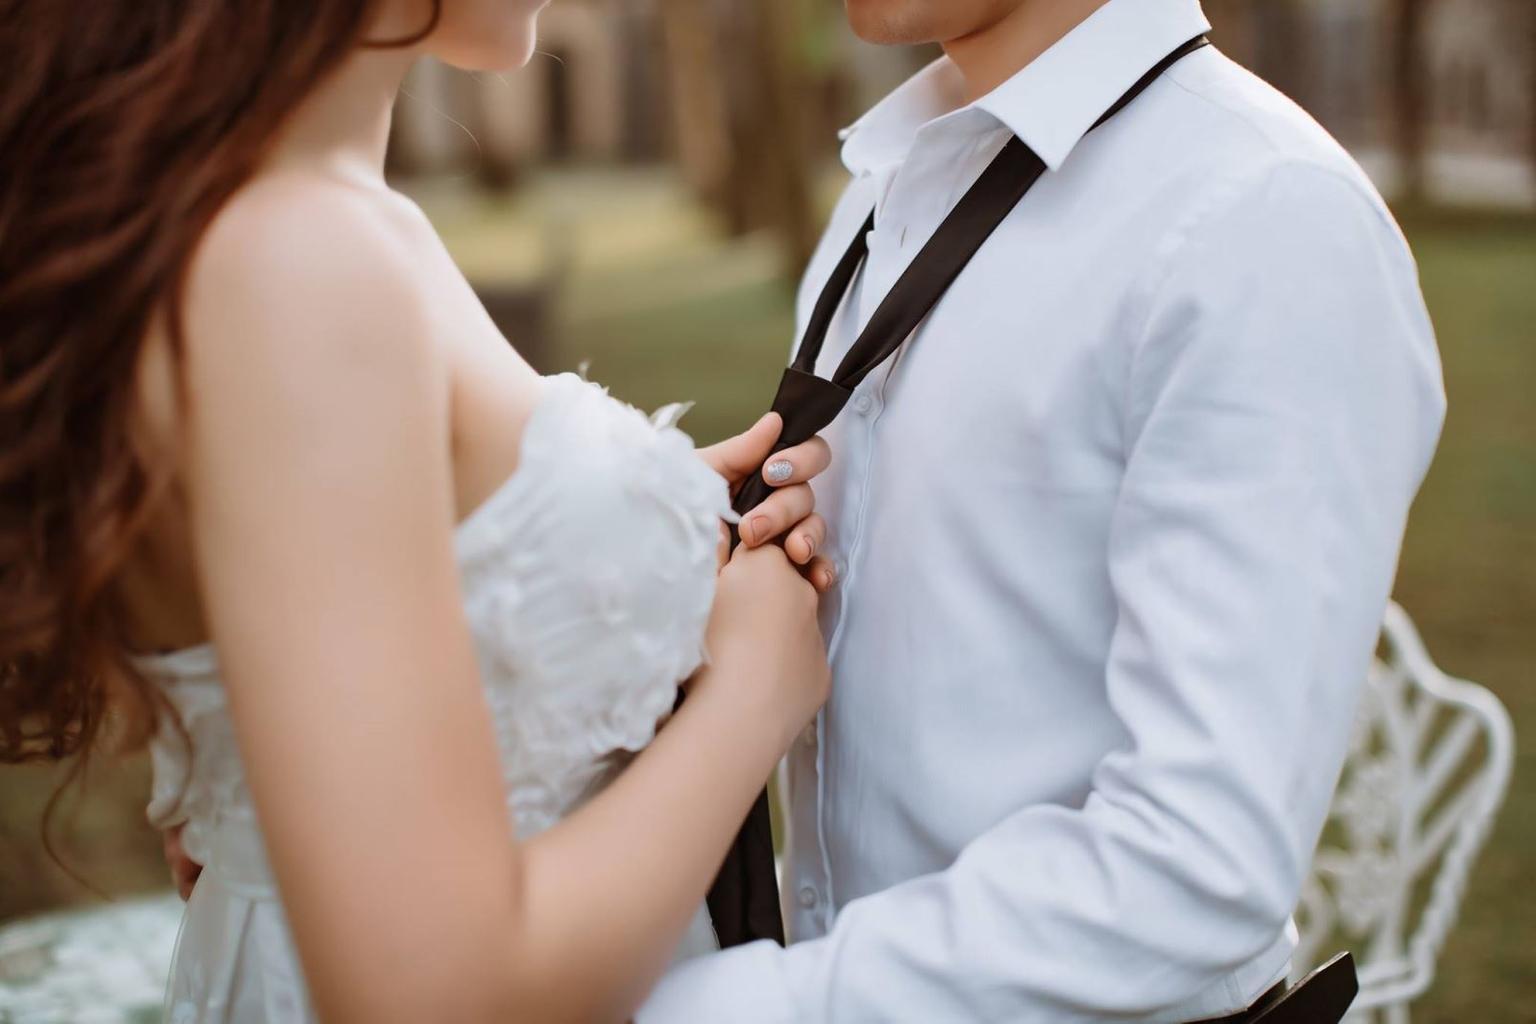 Những thời điểm chồng dễ hư nhất, nếu lơ là phụ nữ sẽ đánh mất người bạn đời của mình - Ảnh 1